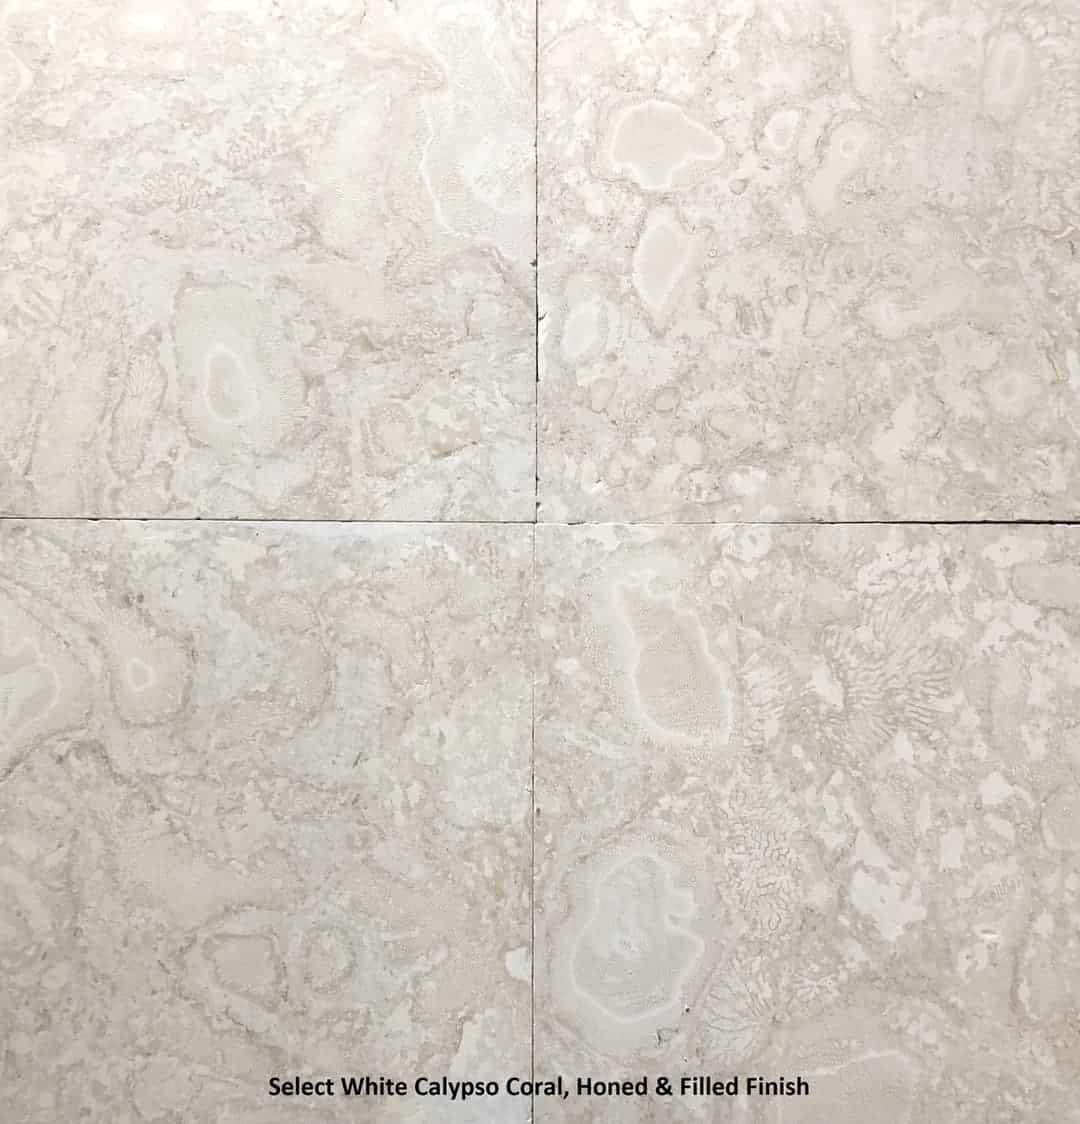 Calypso Coral, Select White H&f, 11 13 2019